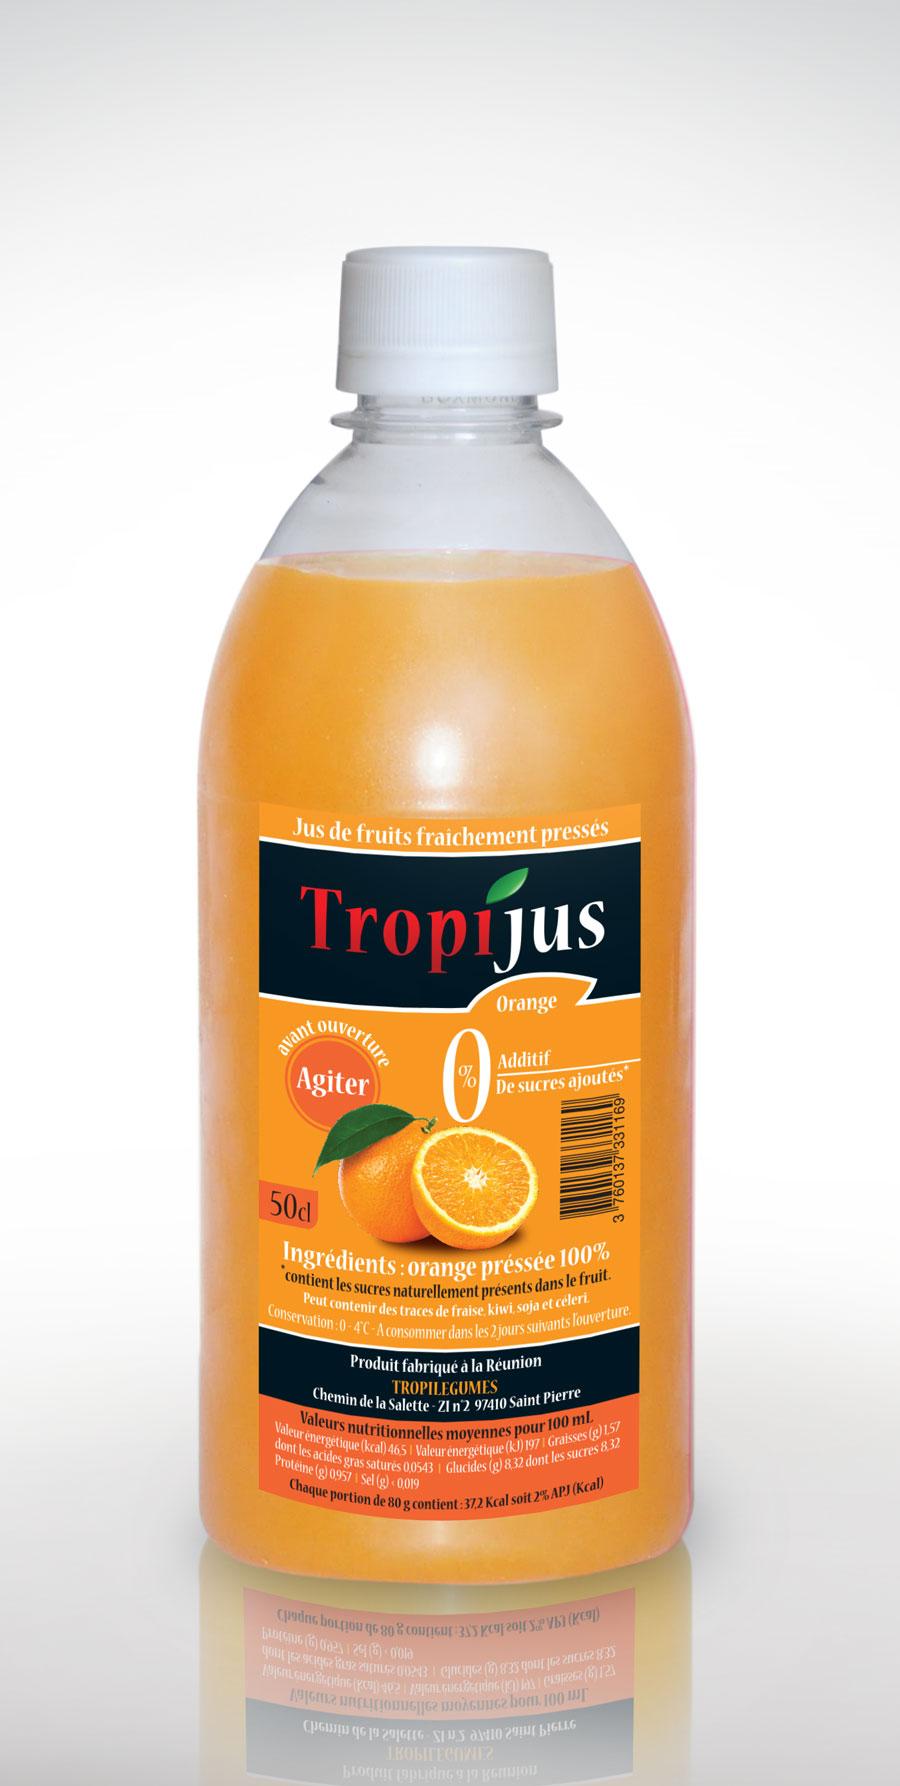 TropiJus